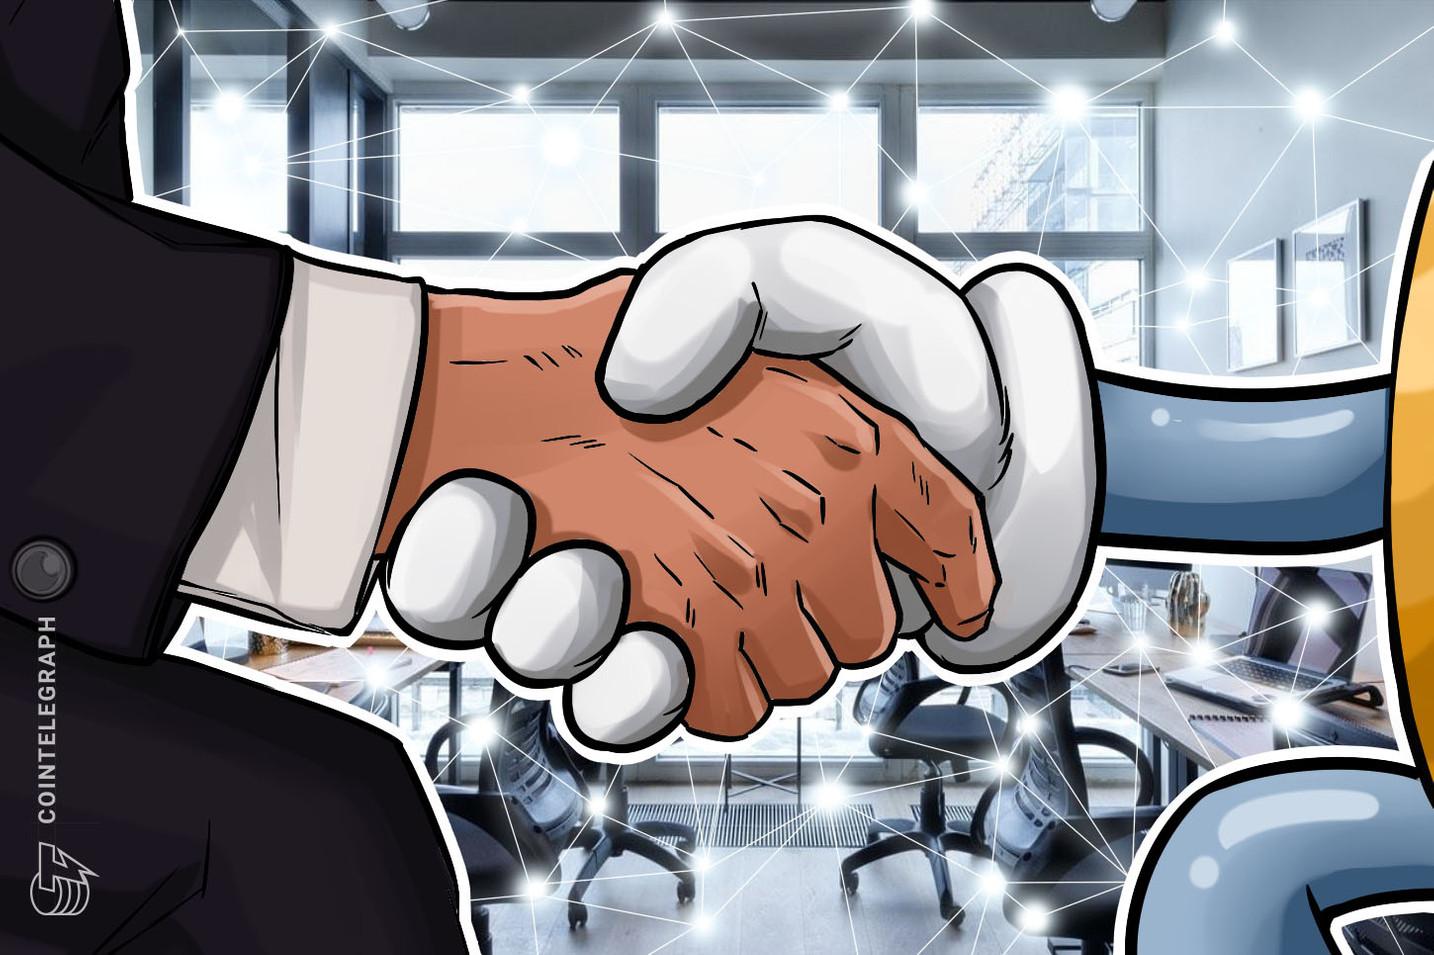 """Krypto-Verwahrer BitGo erhält """"Banklizenz"""" für Finanzmekka New York"""